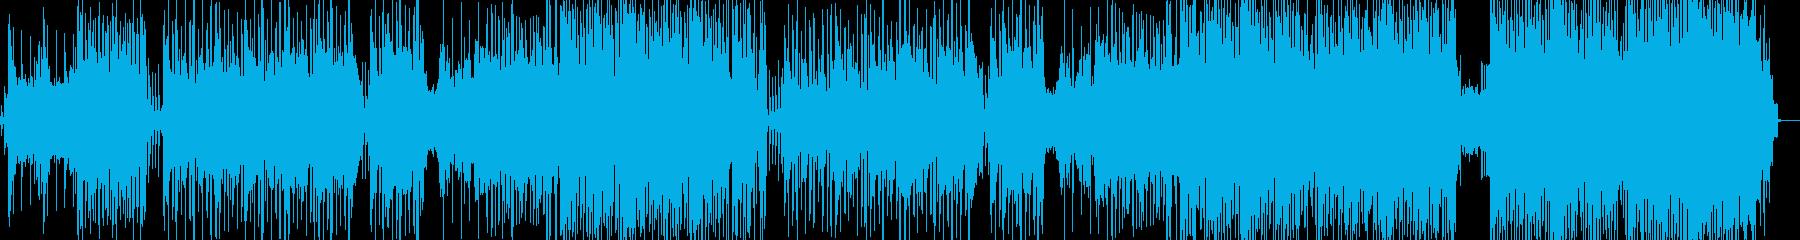 男女の不和、ガチンコバトルヒップホップの再生済みの波形